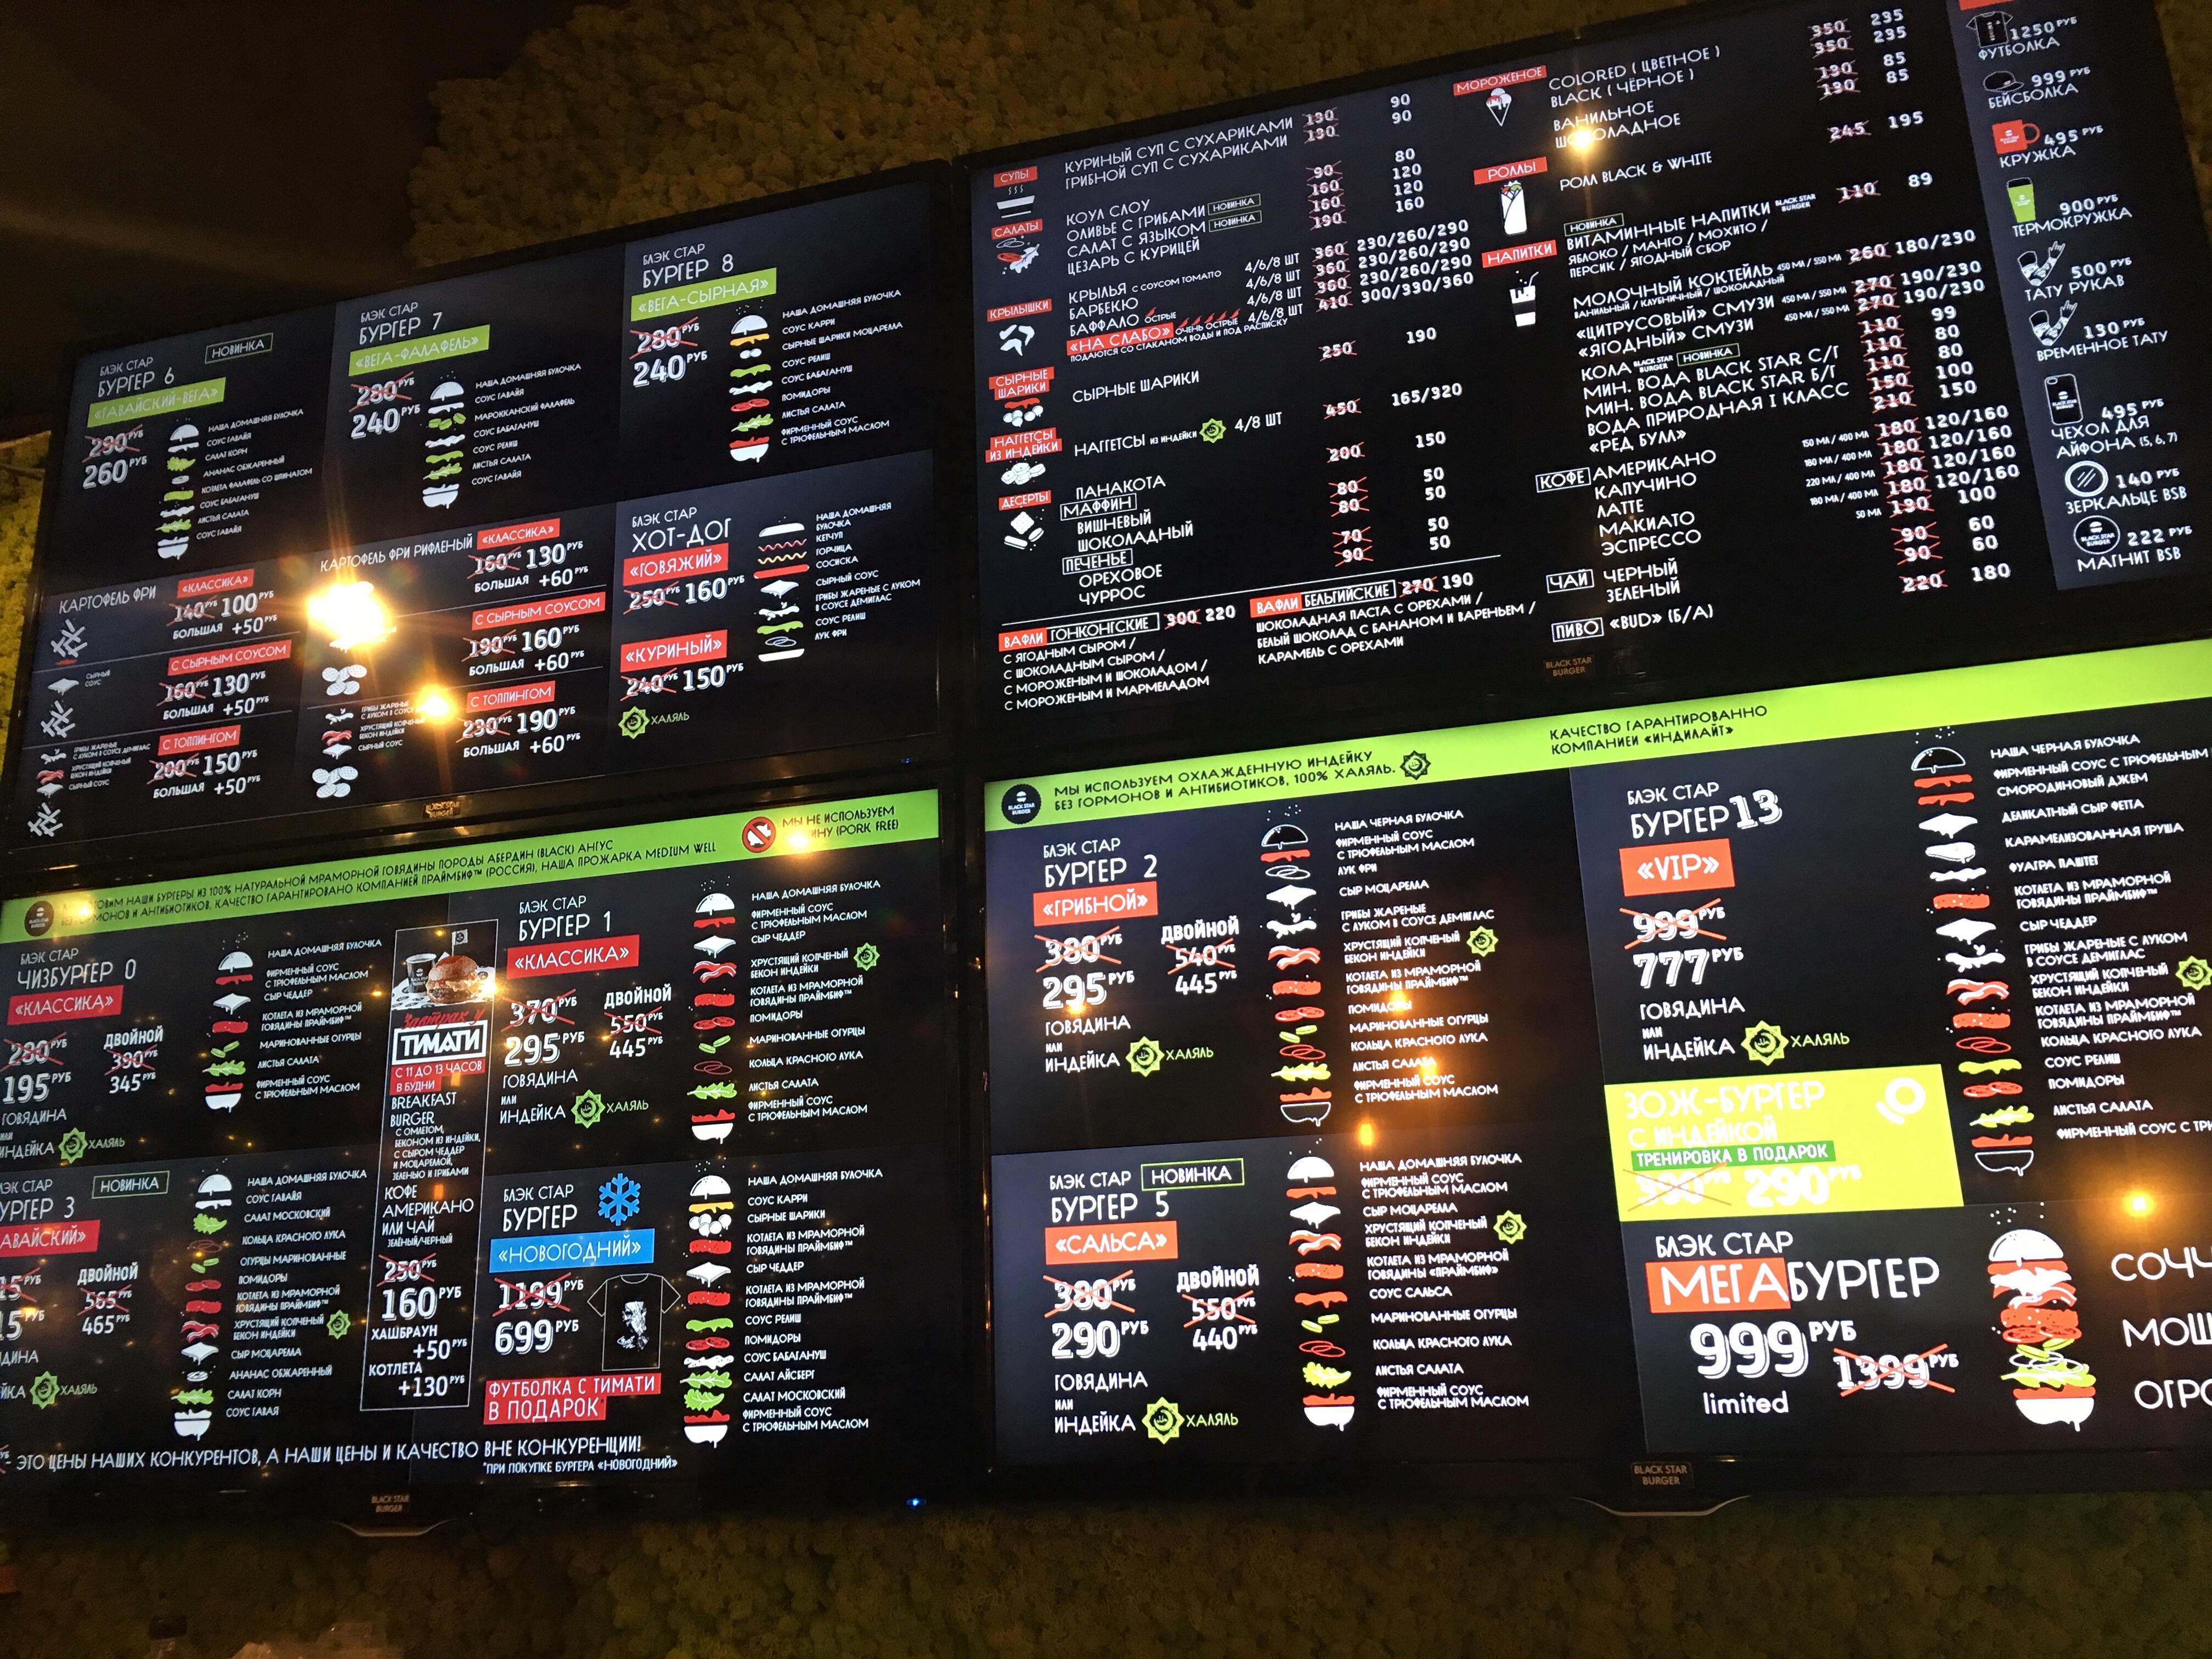 restaurant Timati burger